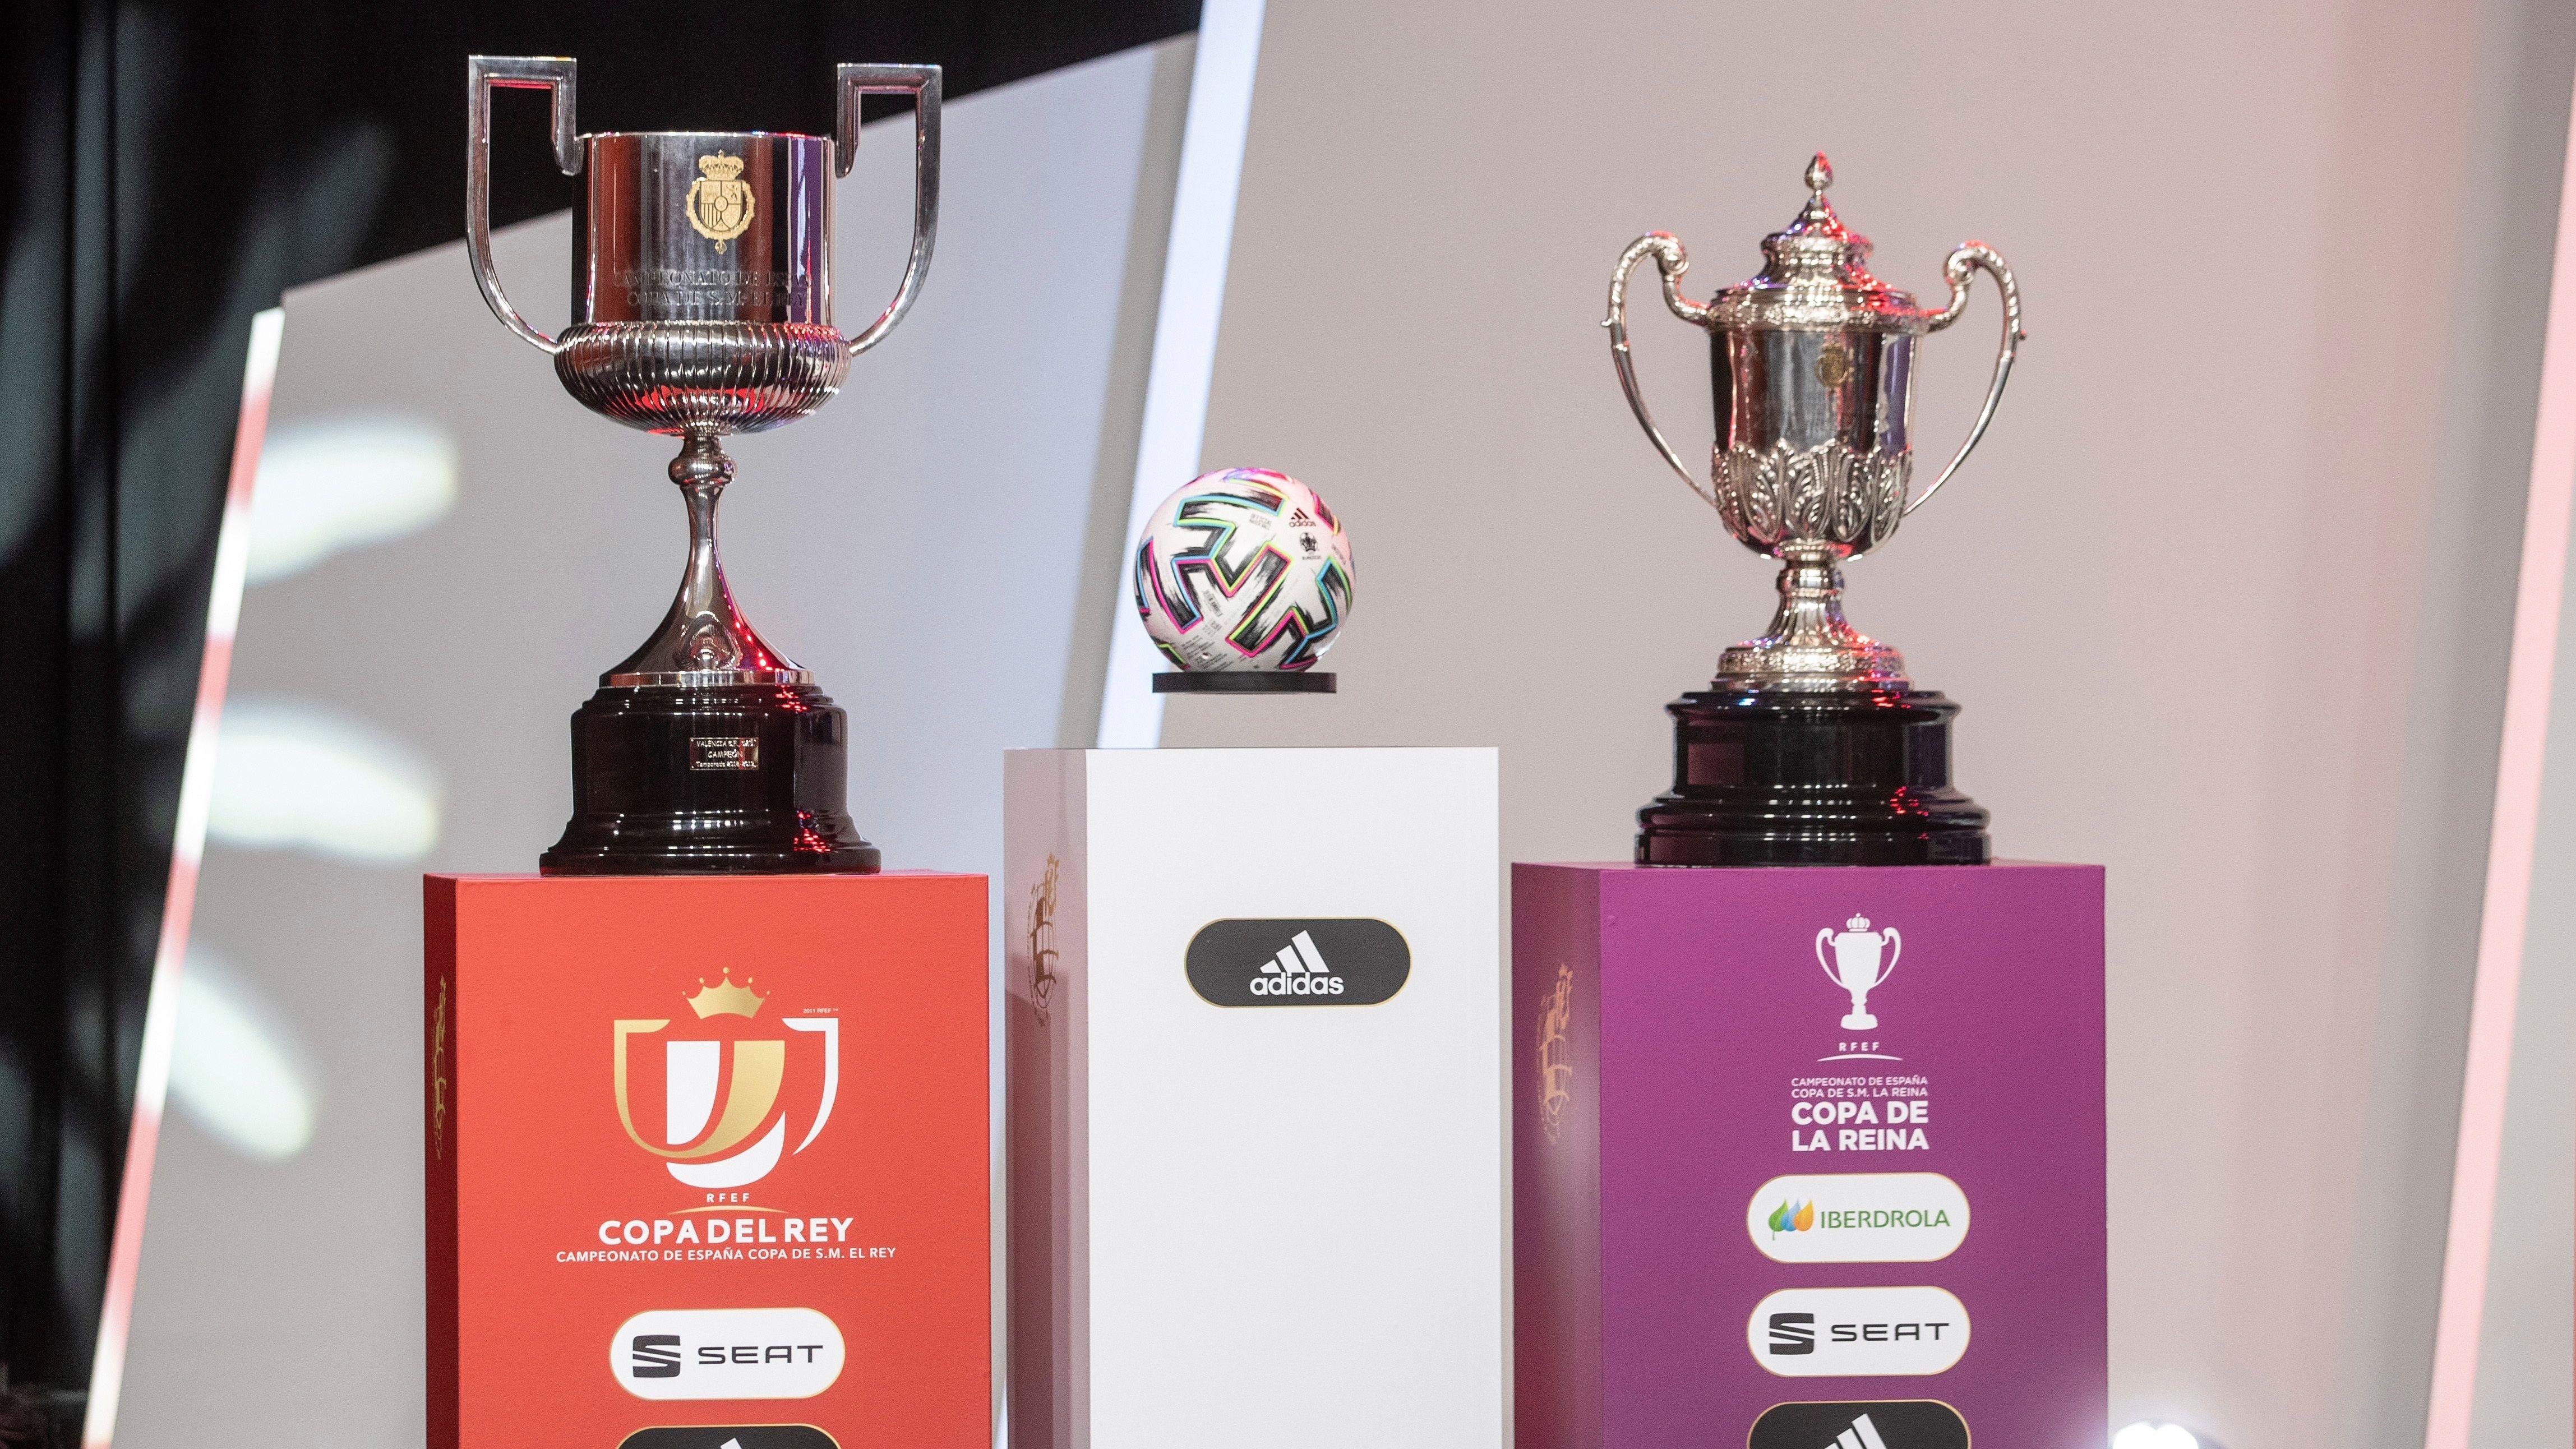 El Gobierno Impone Que Las Semis De Copa Y El Deporte F